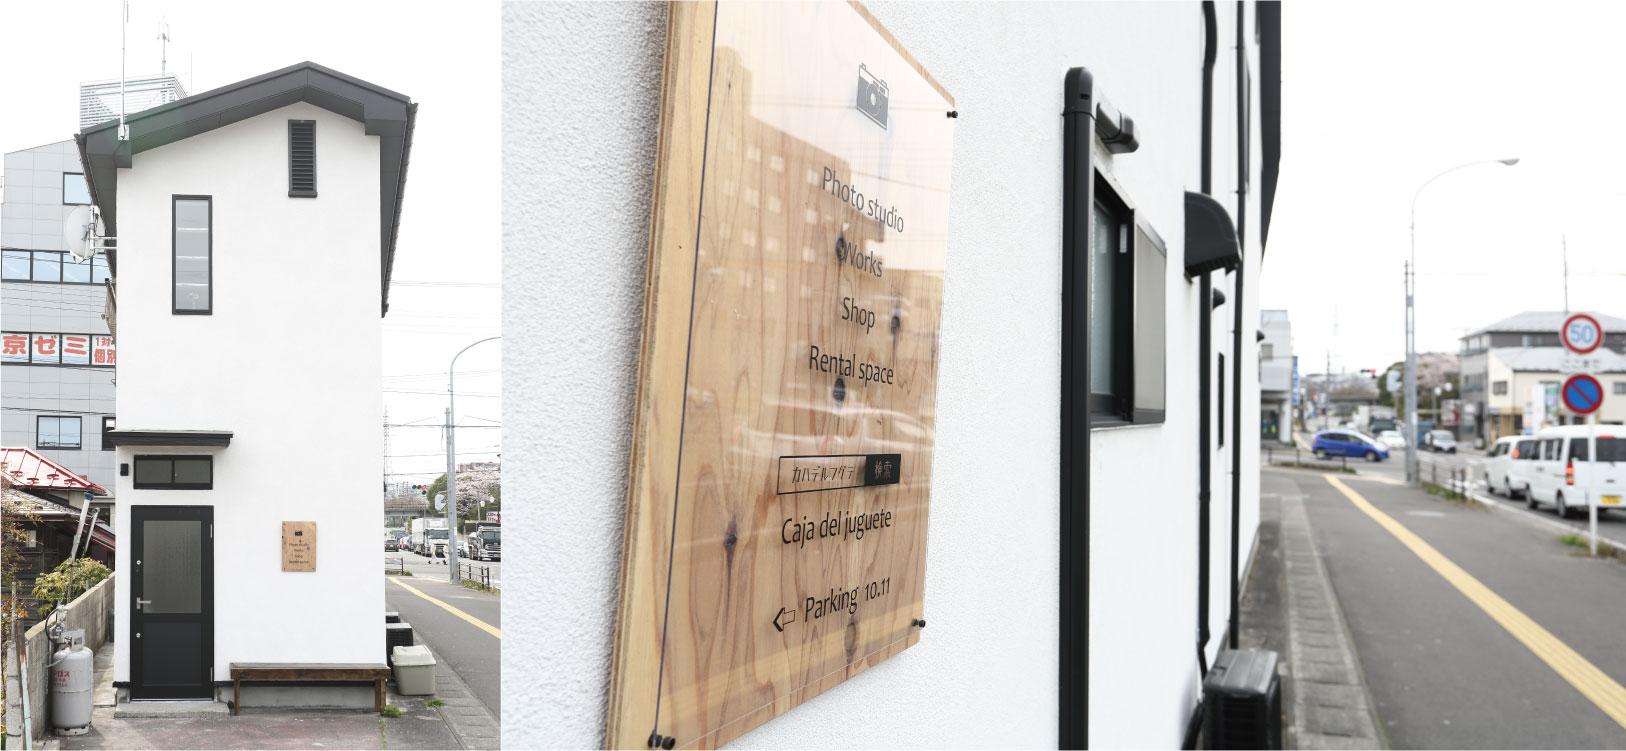 店舗兼住宅 リノベーション